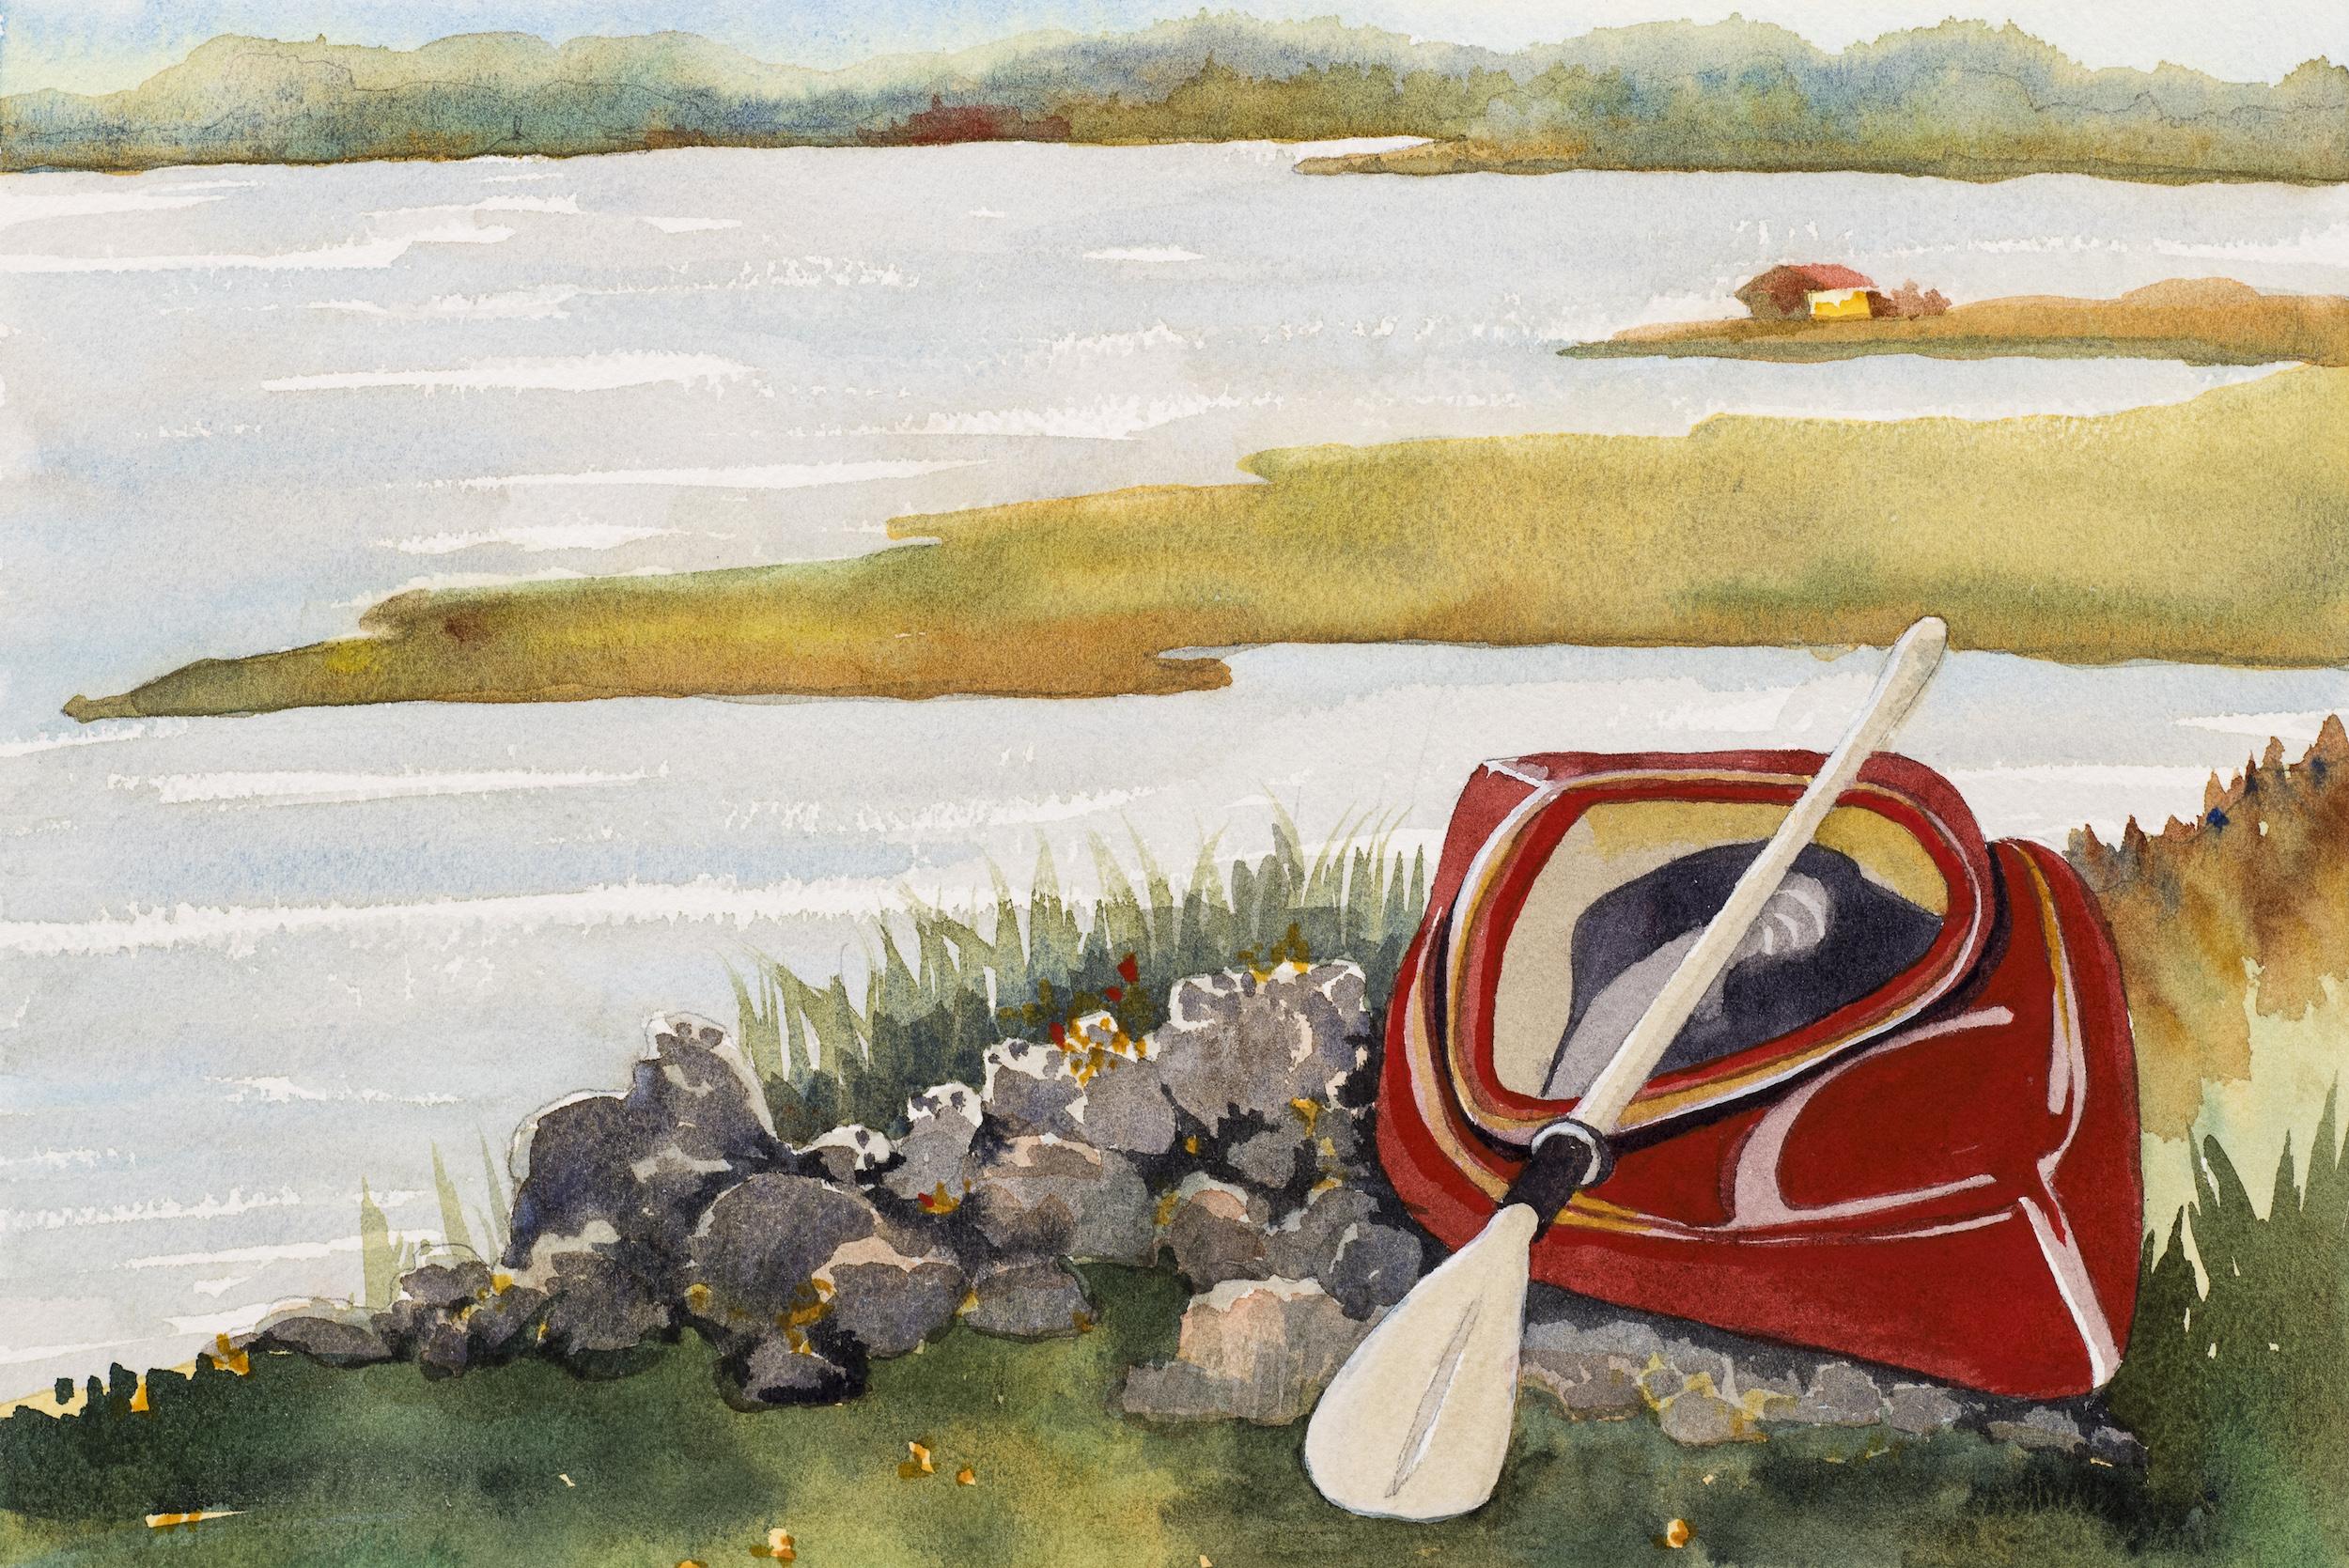 Eng's Kayak